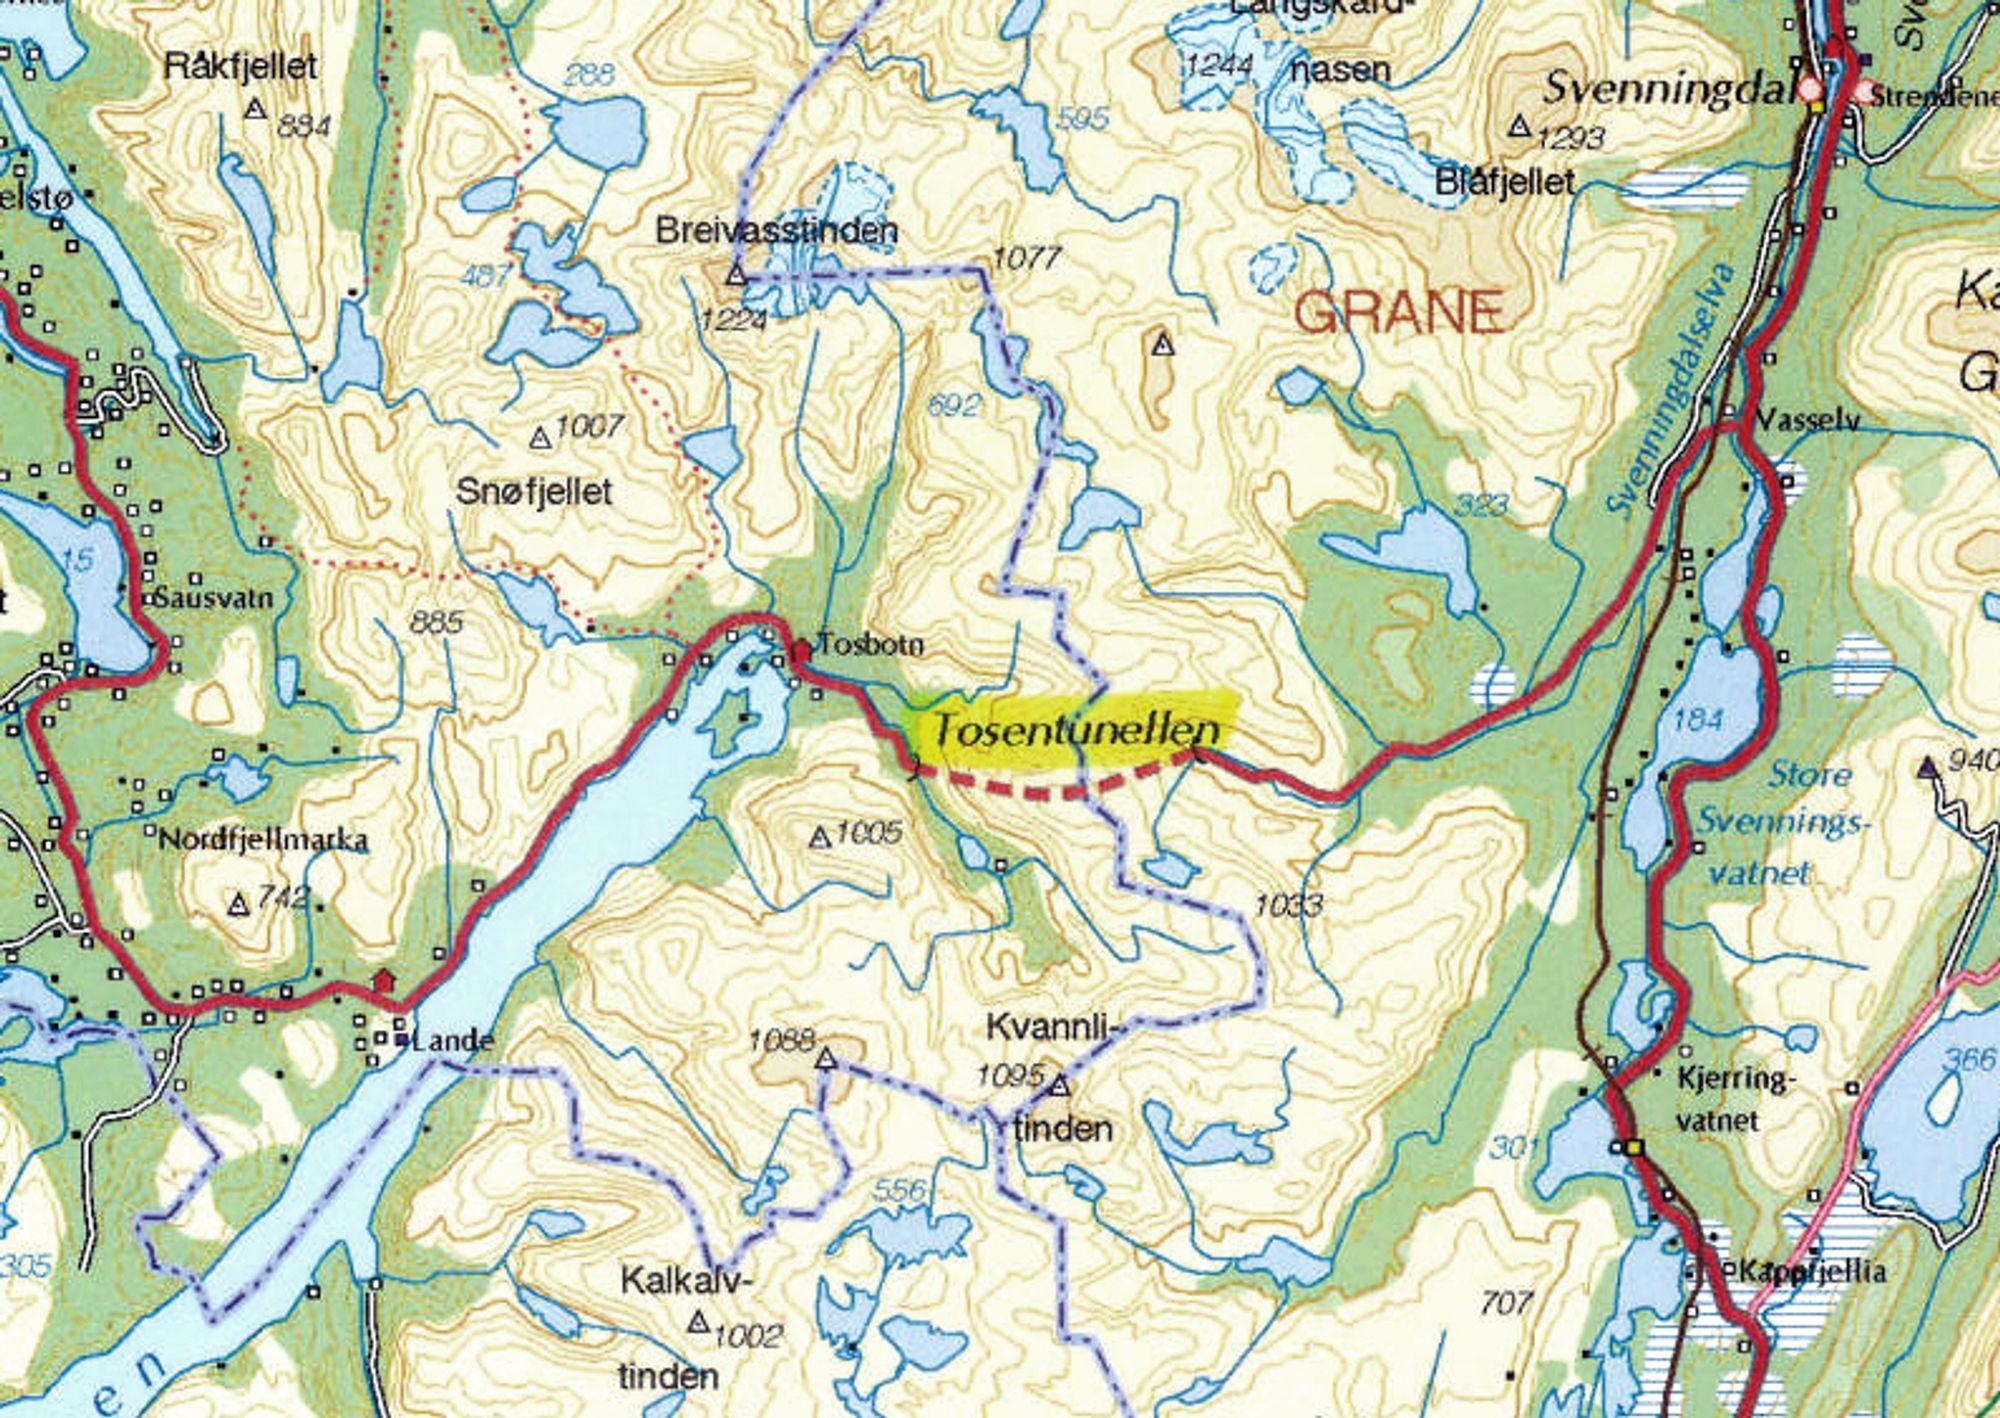 Den 5 857 meter lange Tosentunnelen krysser kommunegrensen mellom Brønnøy og Grane. Den har vært i bruk i 24 år og trenger nå sikring.